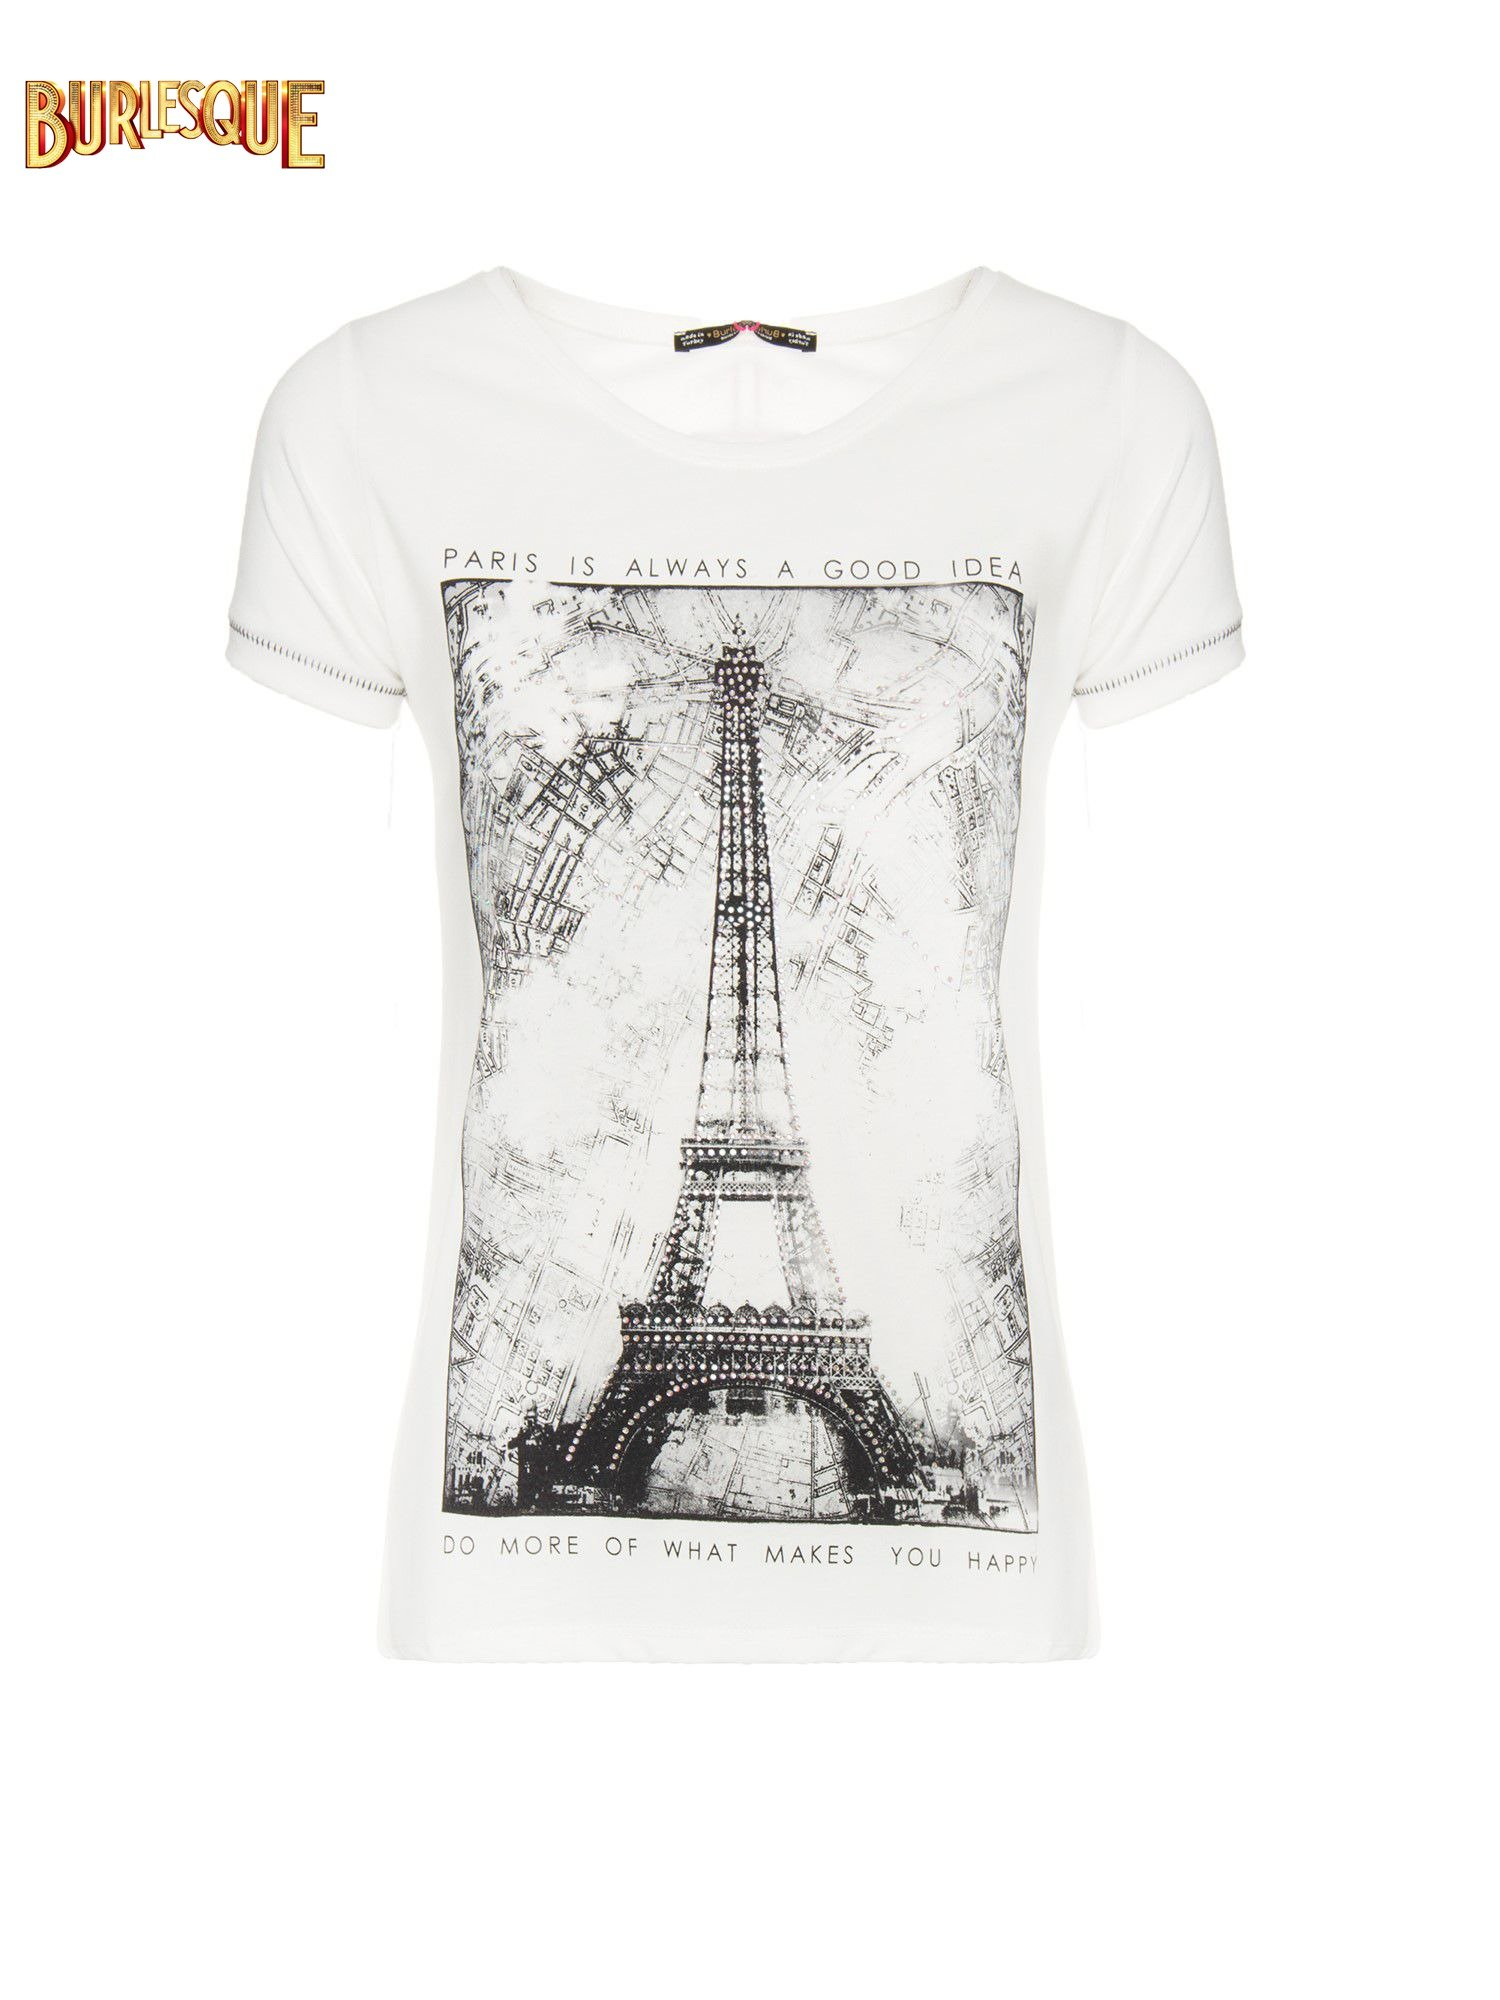 Ecru t-shirt z nadrukiem wieży Eiffla                                  zdj.                                  1